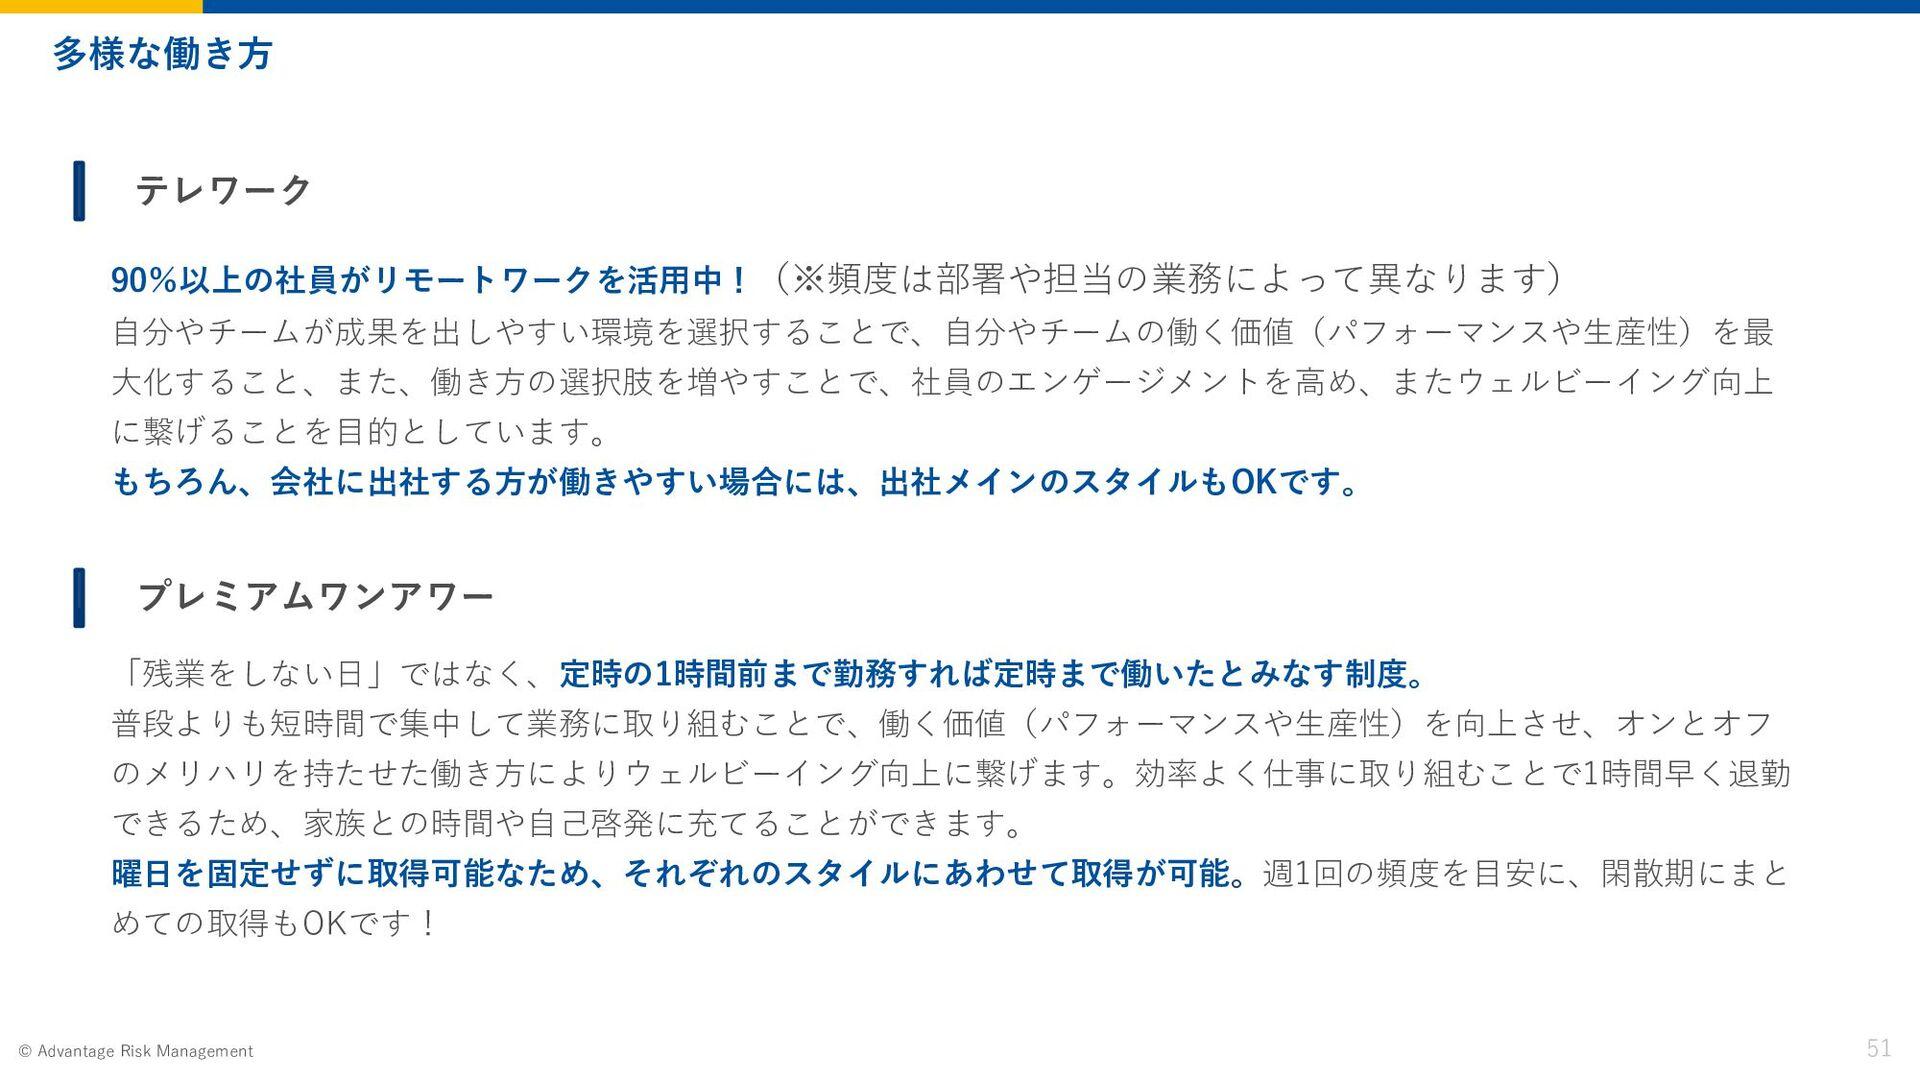 こちら印刷機コーナー 写真で写ると 少しごちゃついて見えますが 実際にはきれいに 整頓されてい...